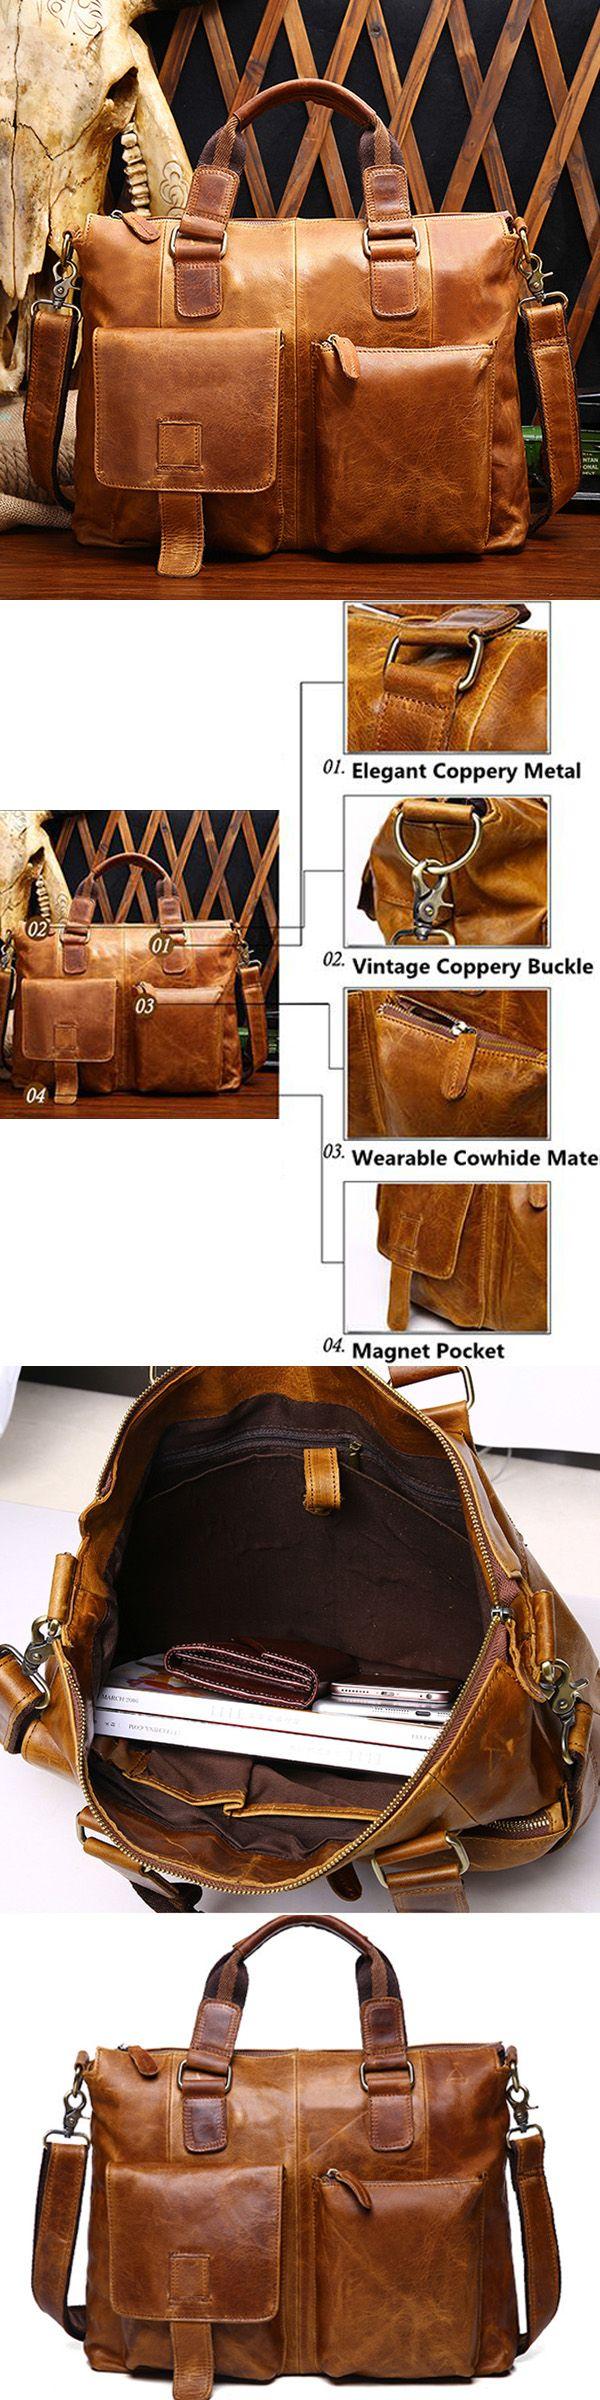 $85.06[54%off] Genuine Leather Cross-body Bag,Retro Dual-Use Handbag, Big Capacity Handbag For Men,Leather bag for male,Men's handbag,Mens Business Bag